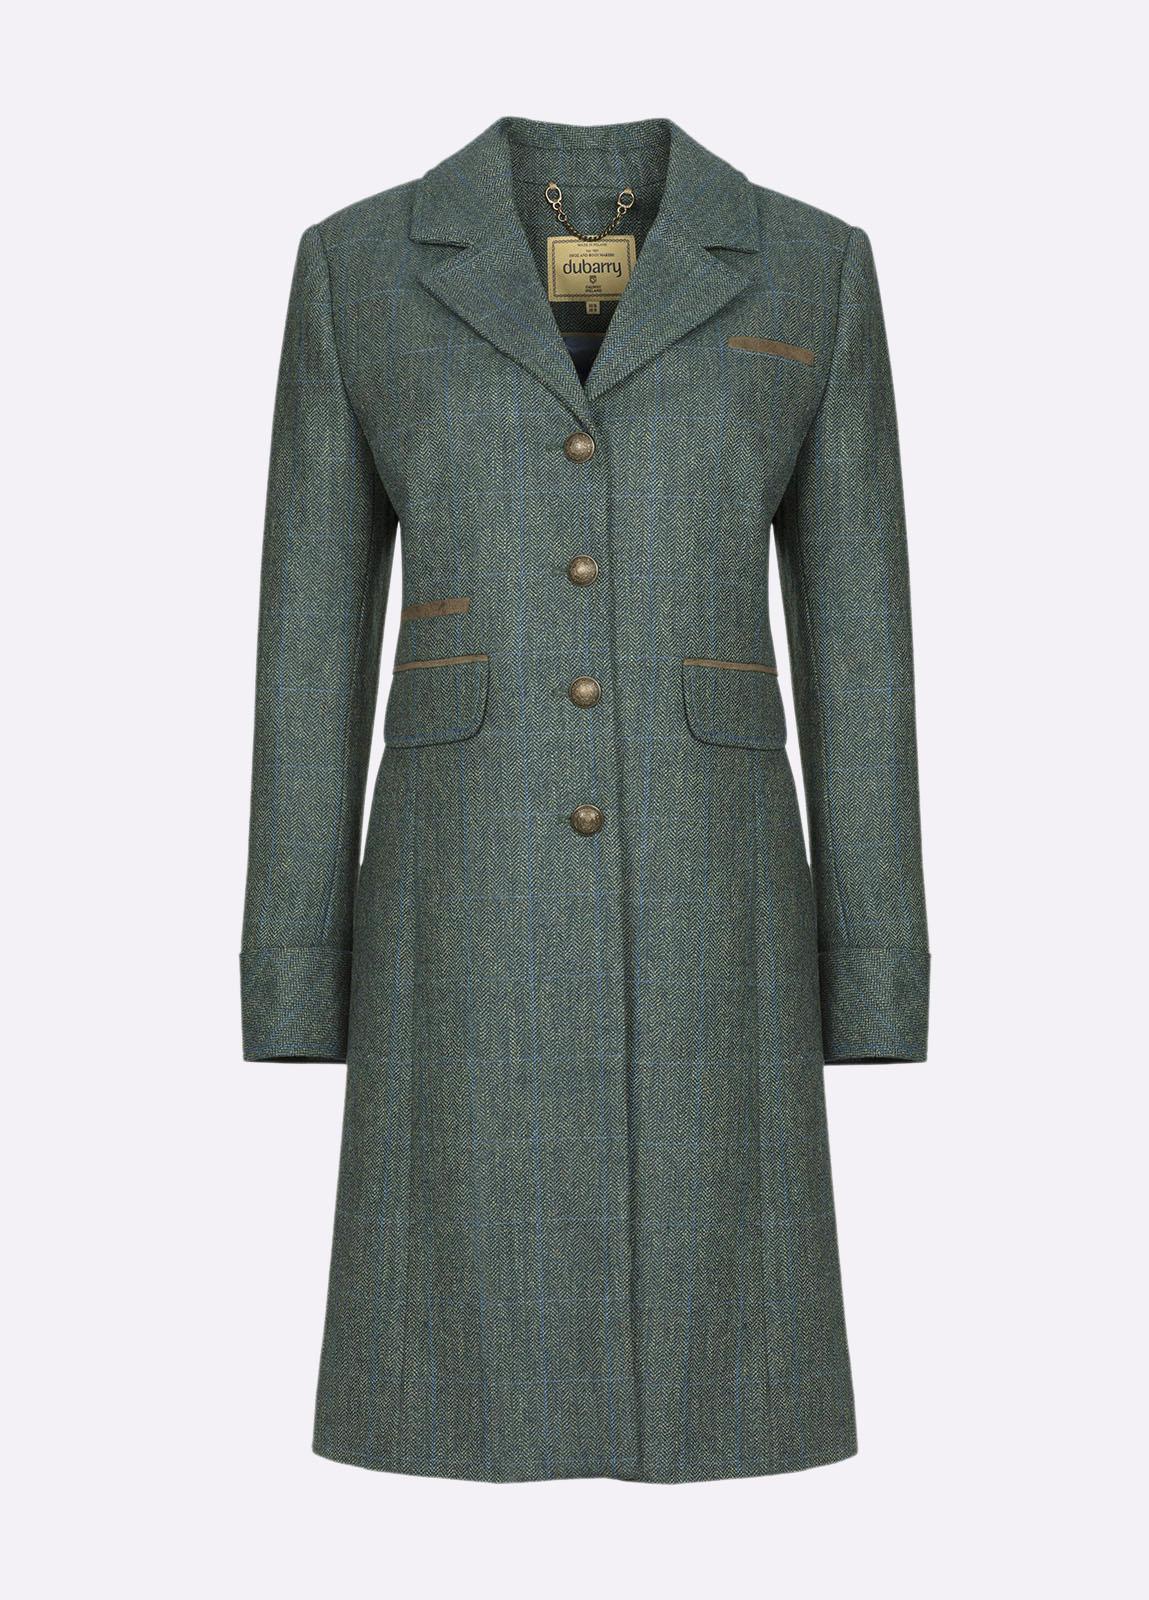 Blackthorn Tweed Jacket - Mist